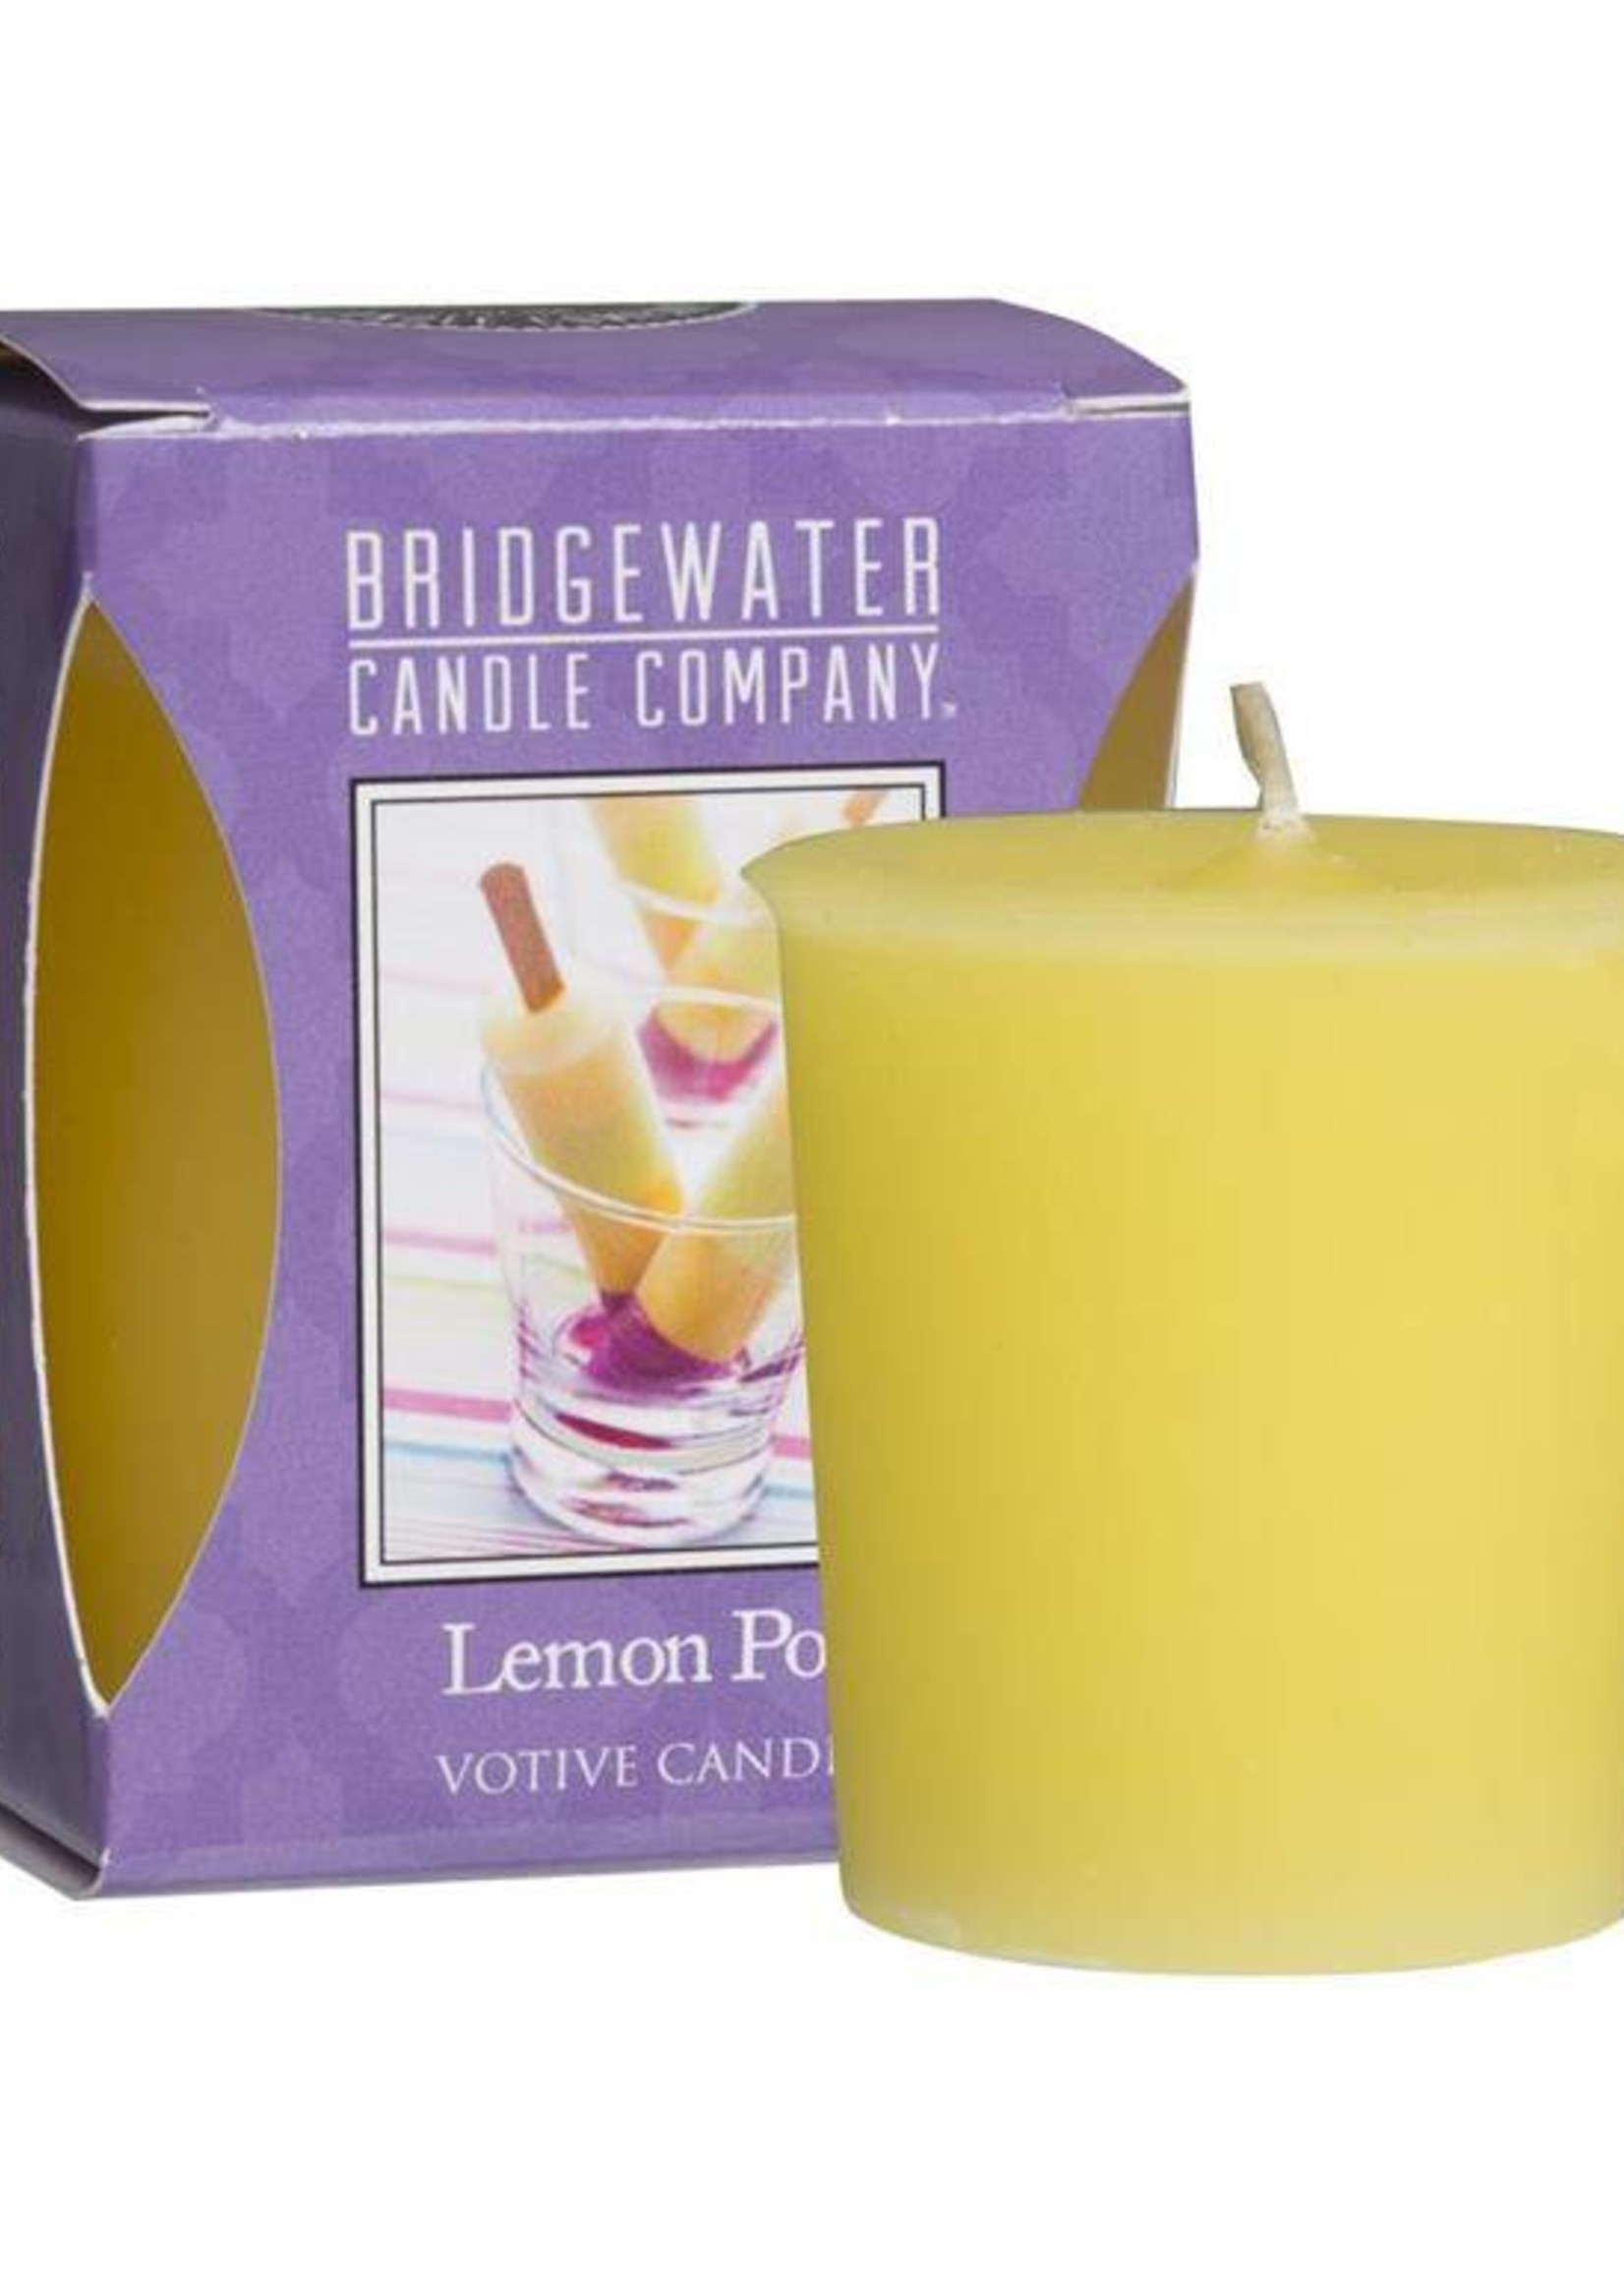 Bridgewater Candle Co Lemon Pop Votive